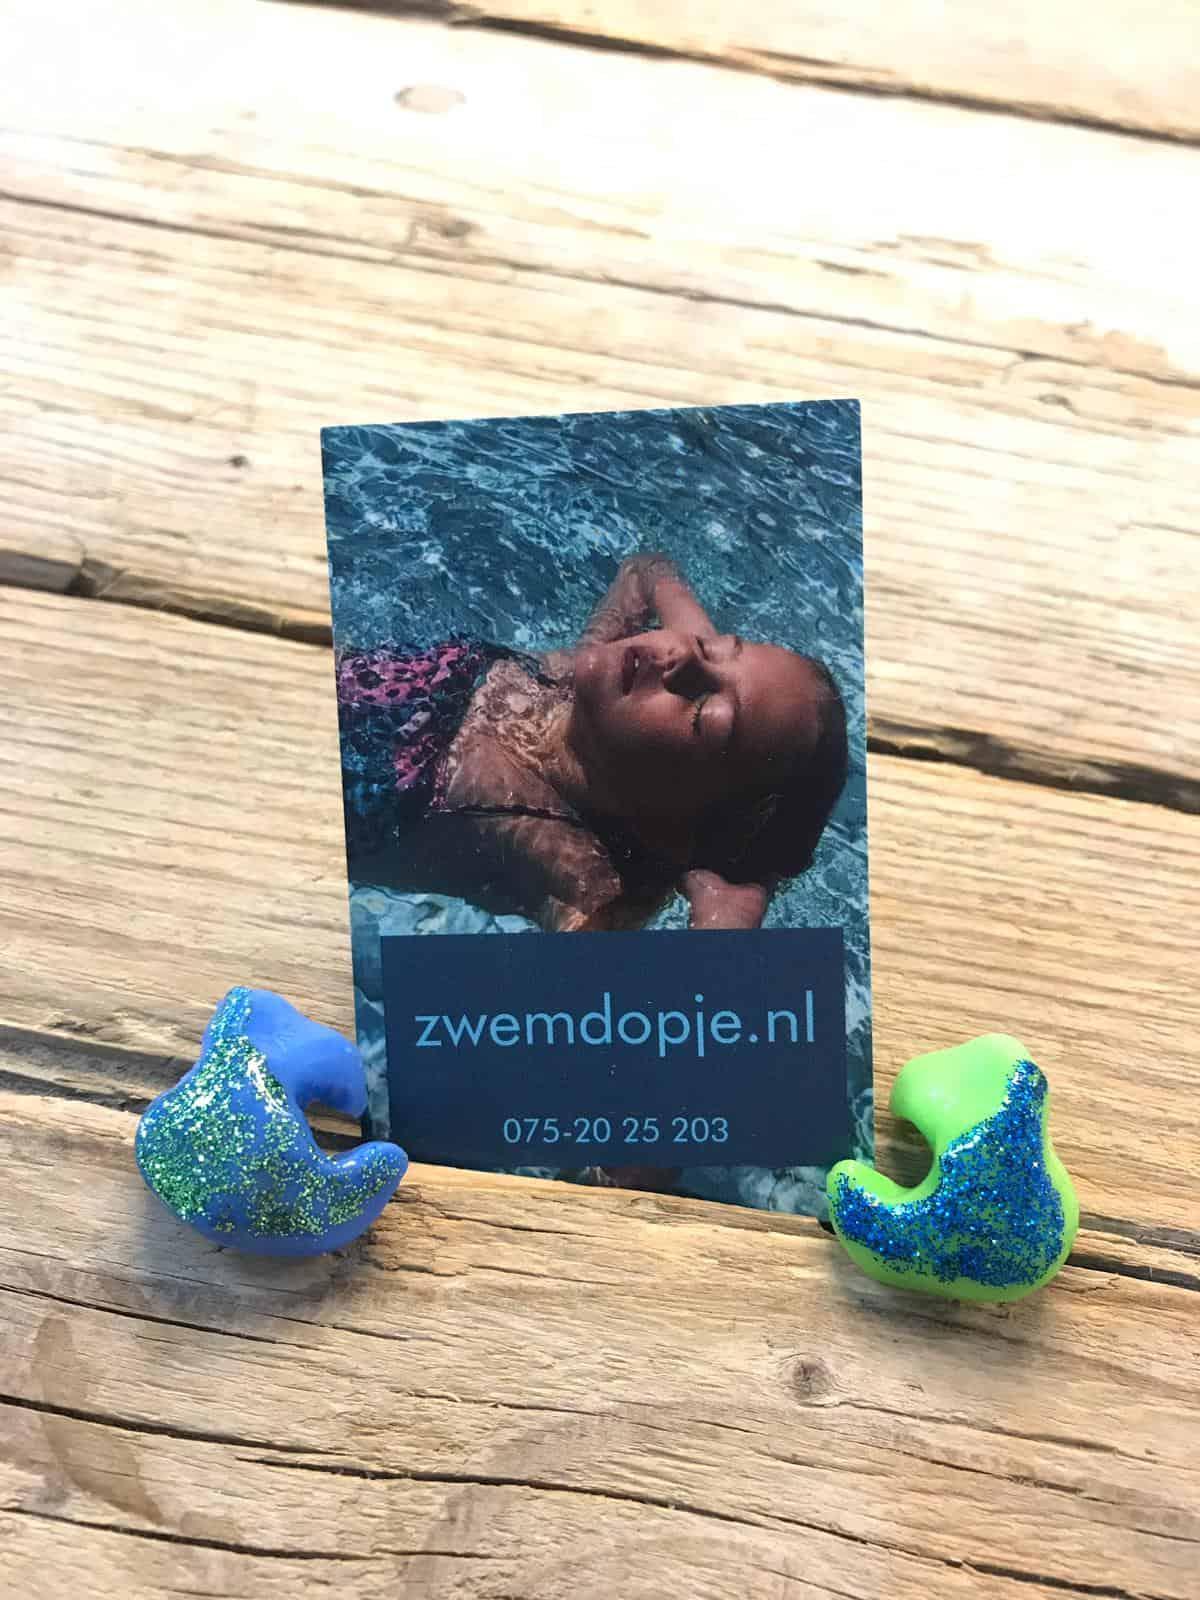 Oordopjes zwemmen van zwemdopje.nl